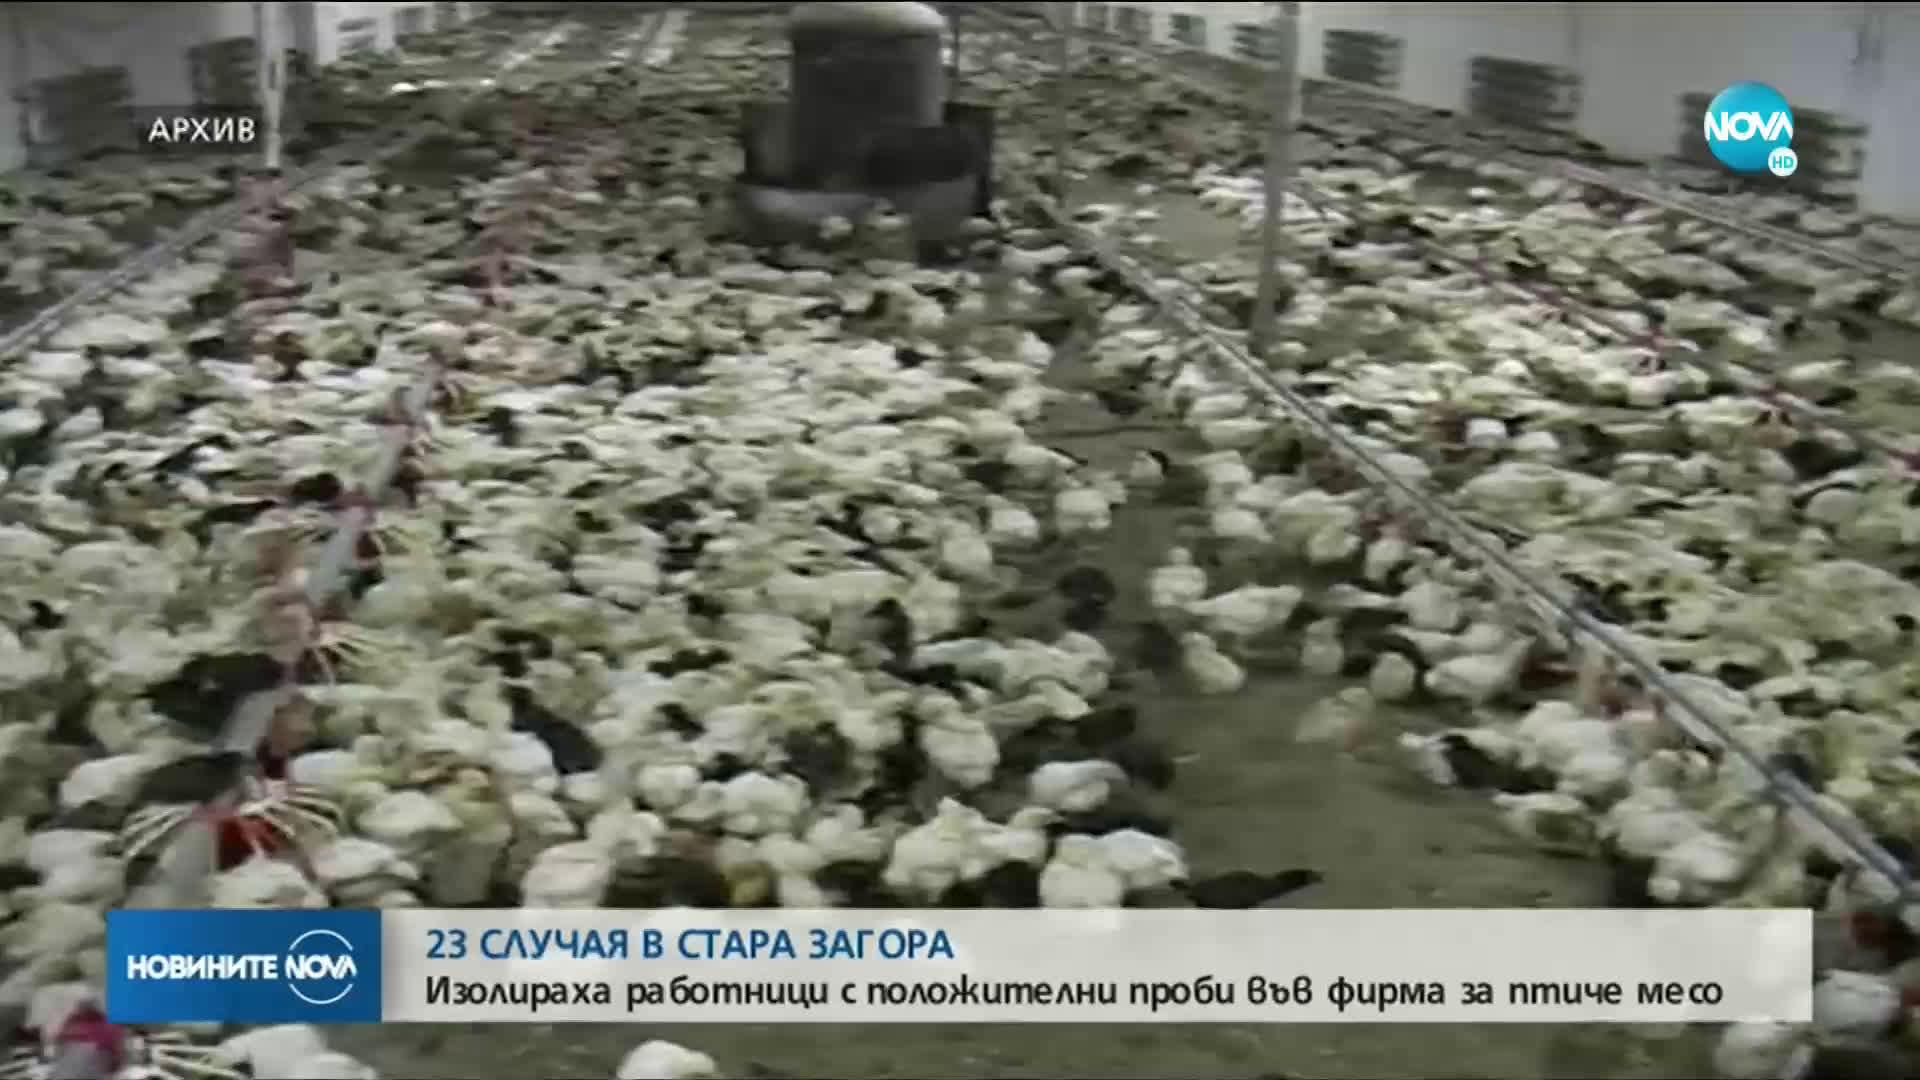 23 положителни проби за COVID-19 в предприятие за птиче месо